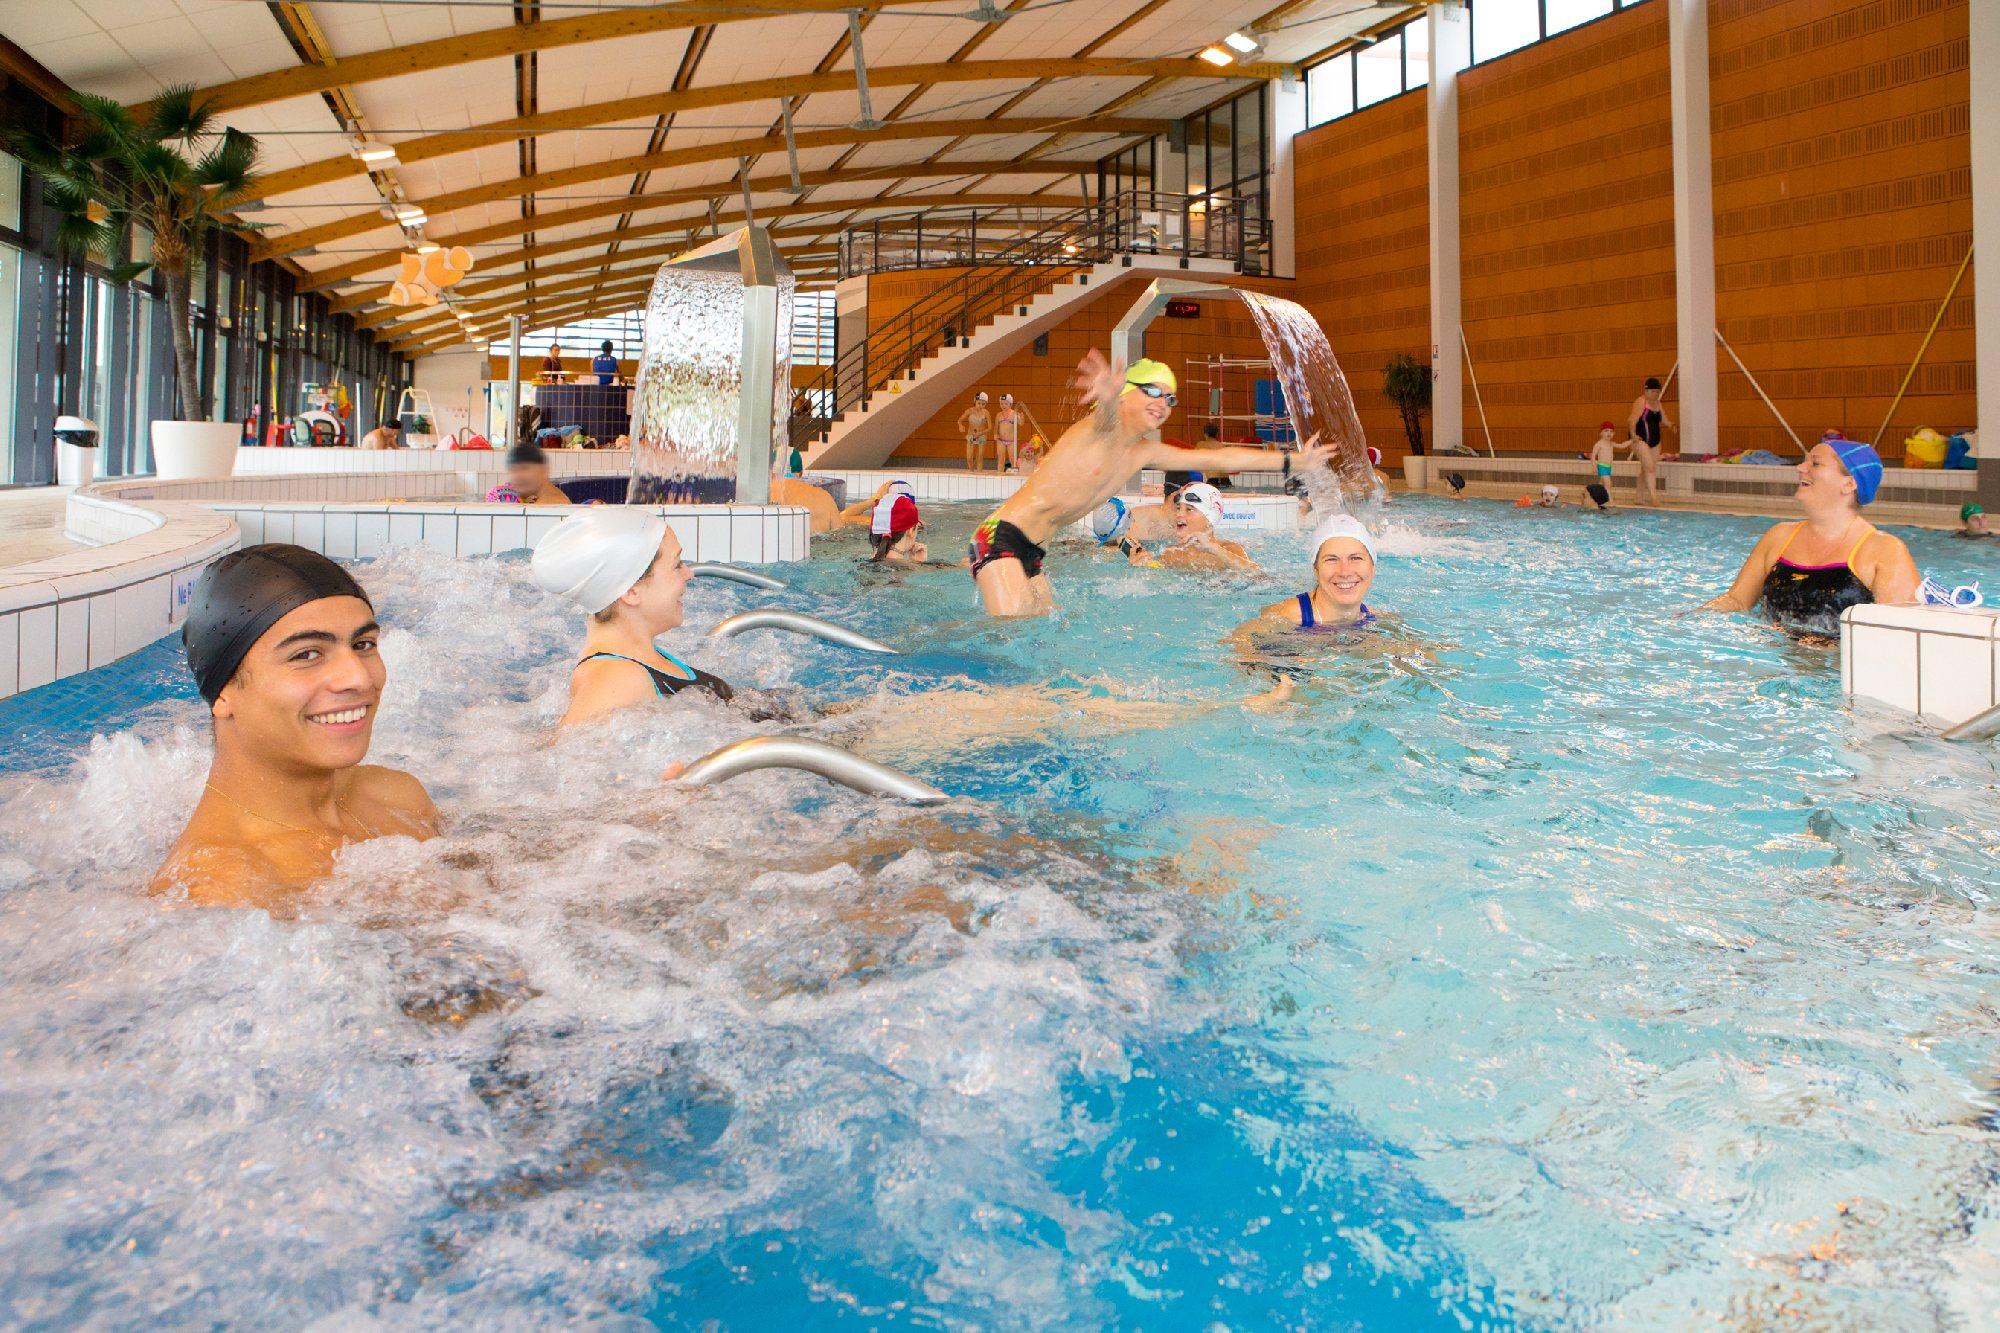 Les Centres Aquatiques De L'aveyron - Découvrir L'aveyron encequiconcerne Piscine Rodez